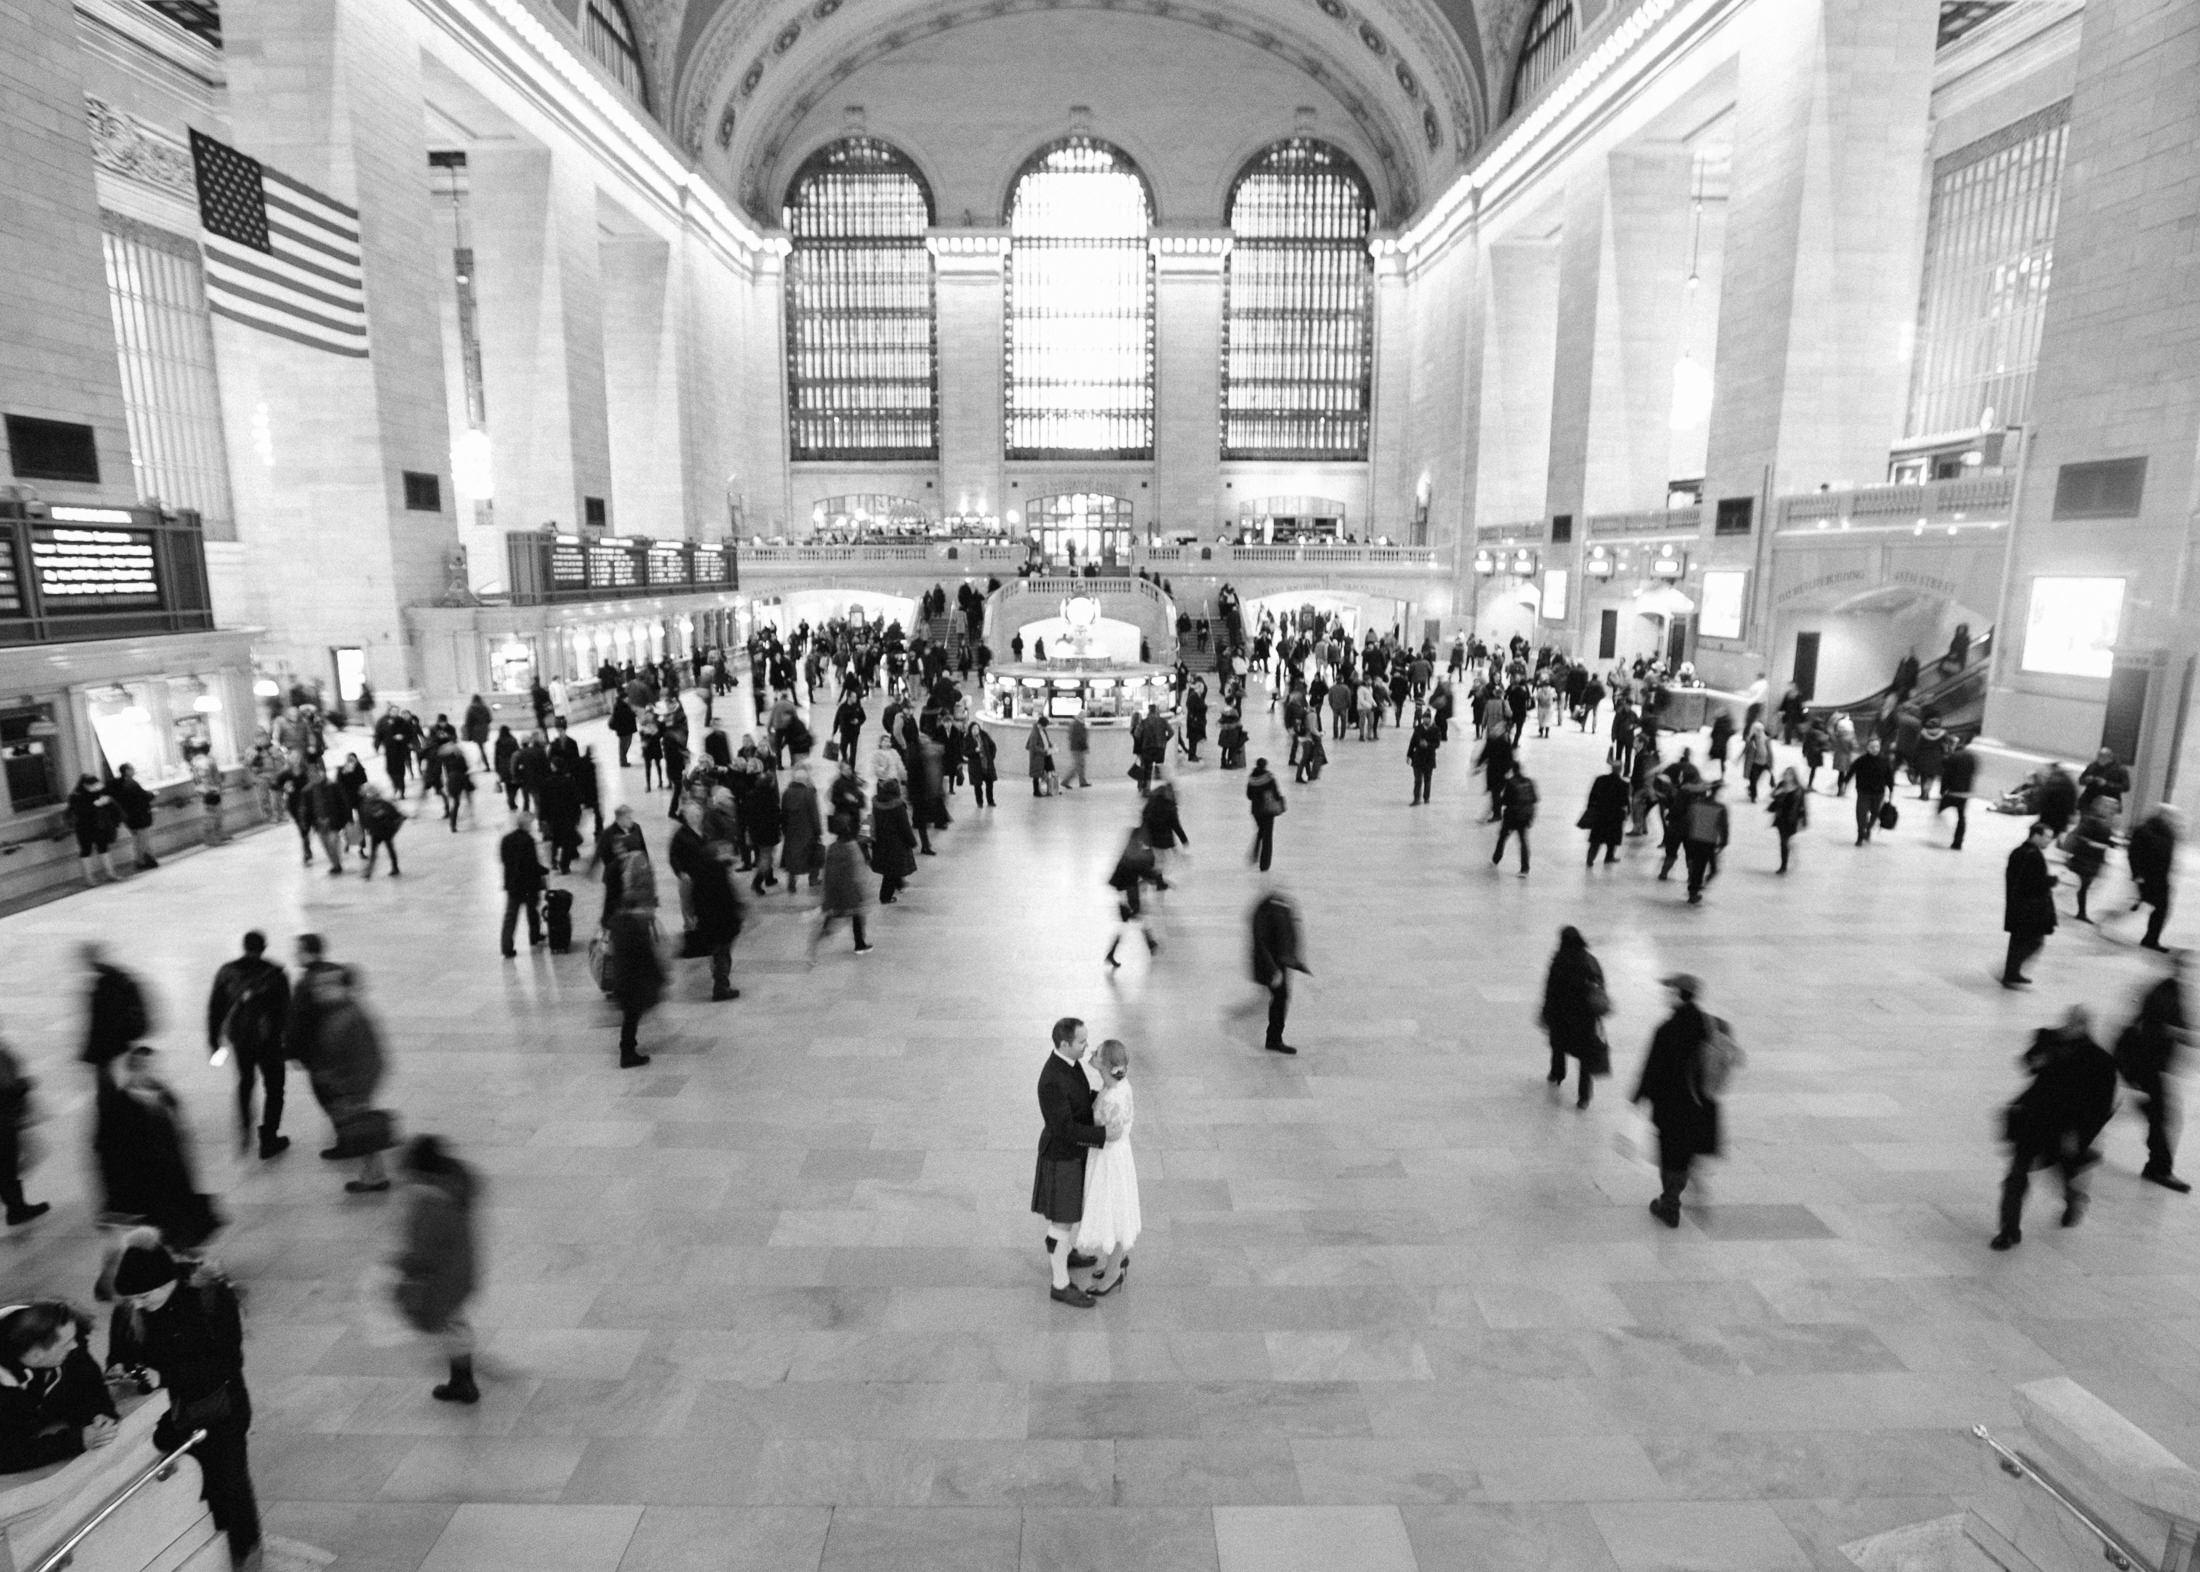 NYC-engagement-photography-by-Tanya-Isaeva-92.jpg